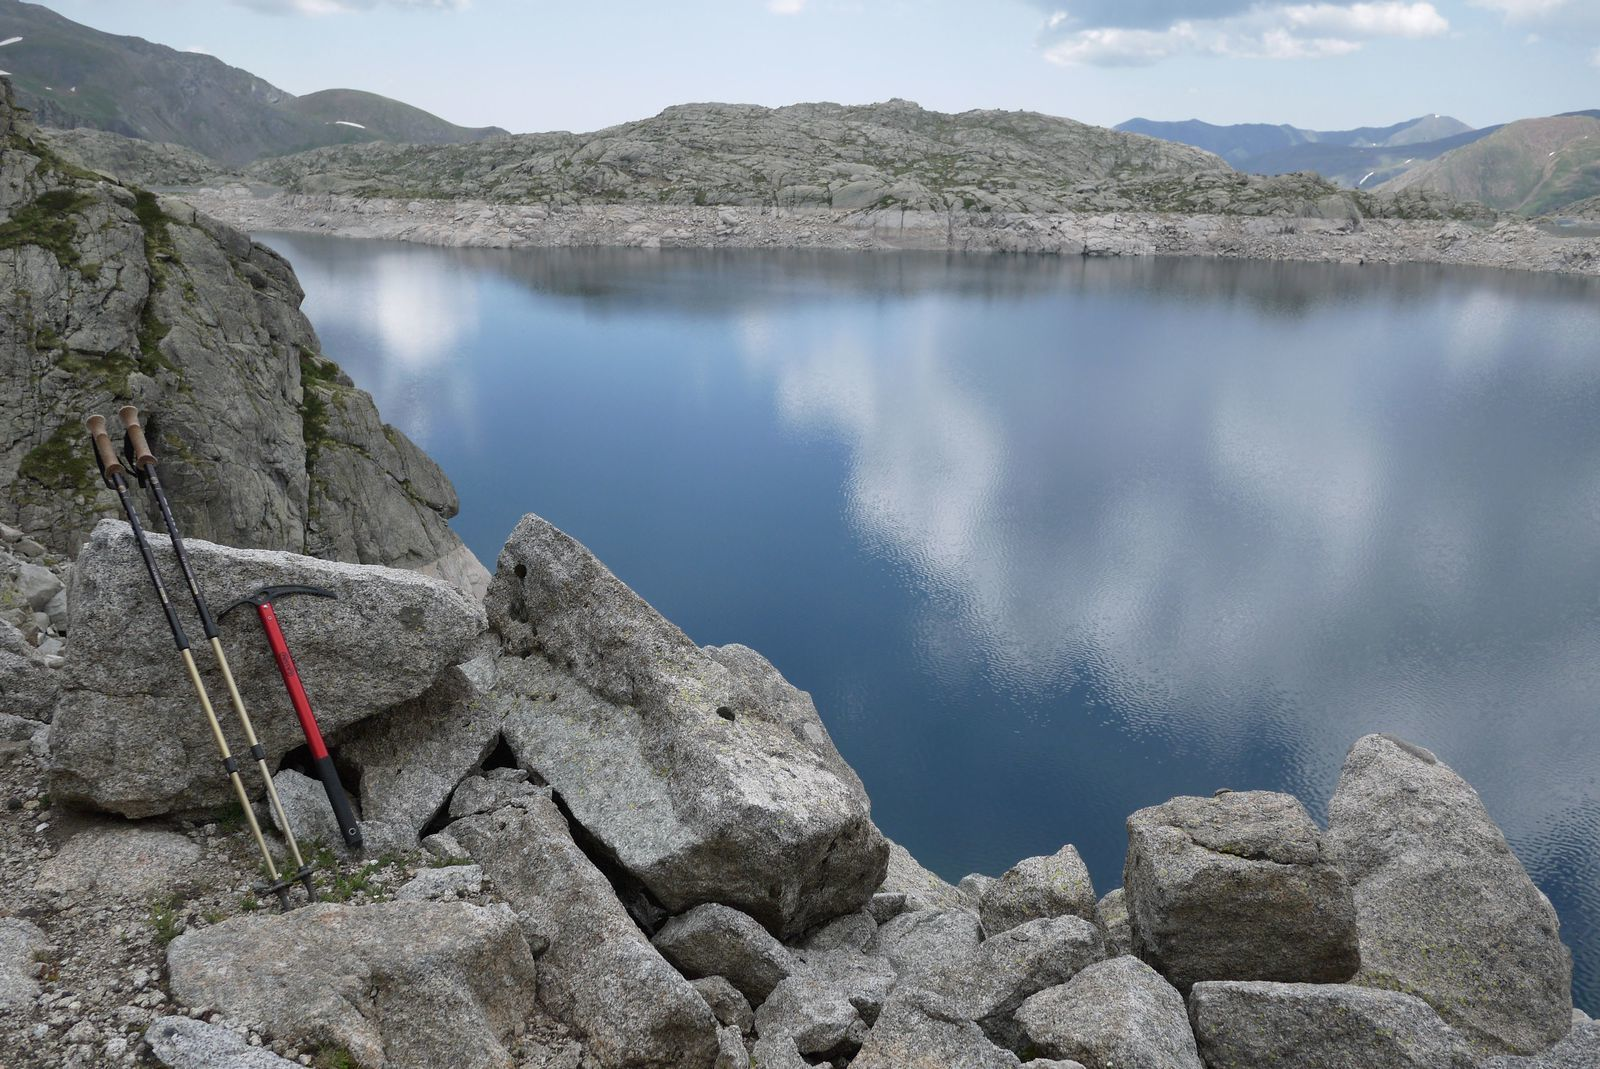 le paysage évolue mais c'est si beau, on ne compte plus les lacs